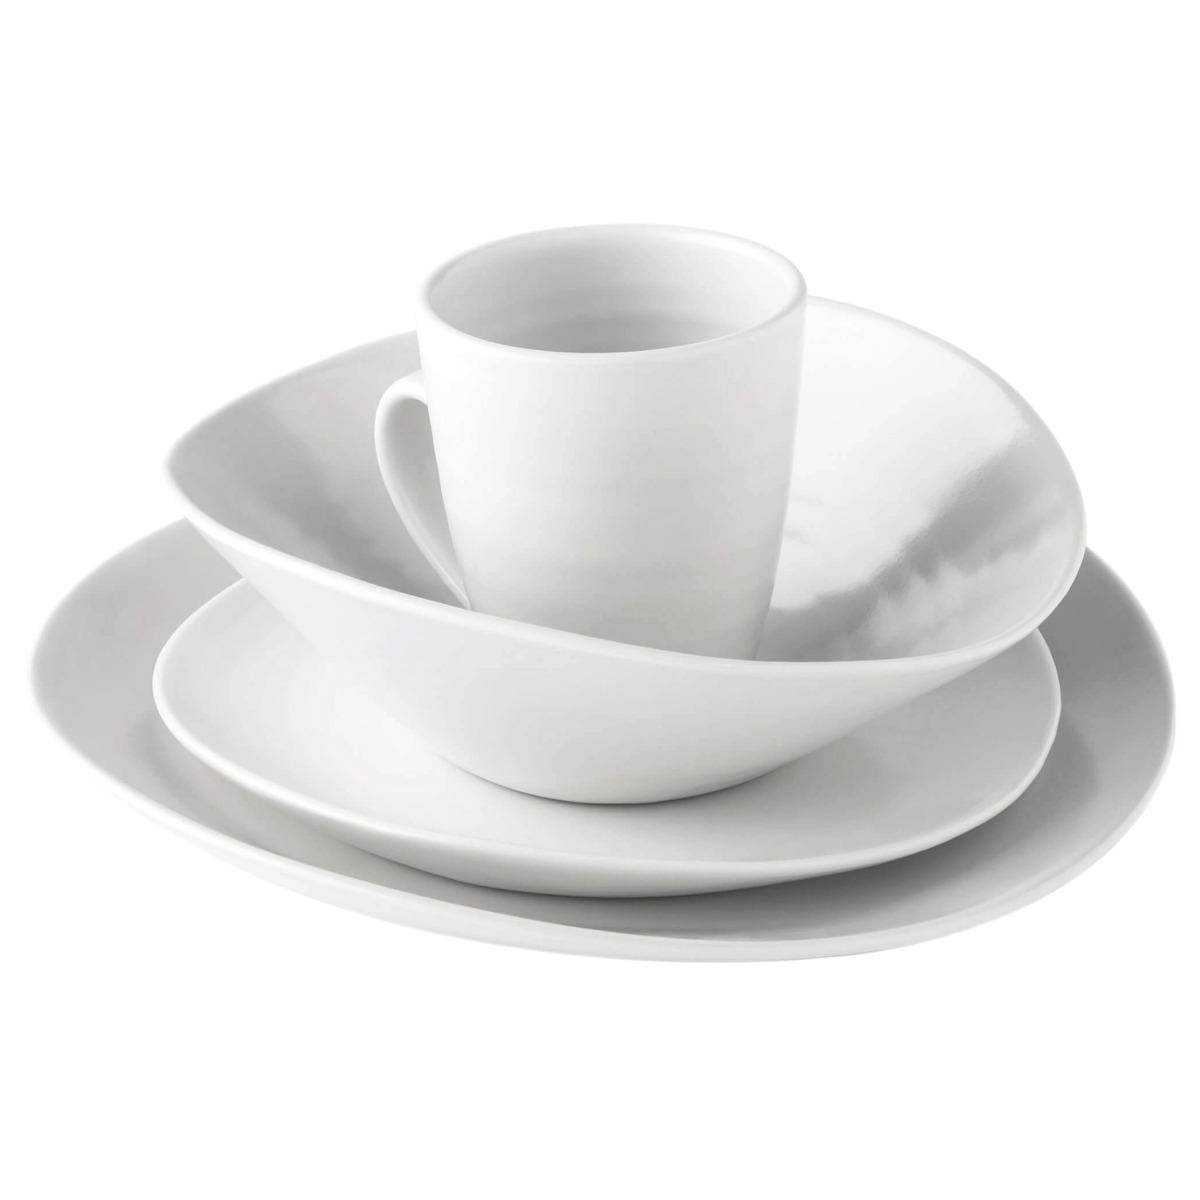 BARRE ALABASTER DINNERWARE